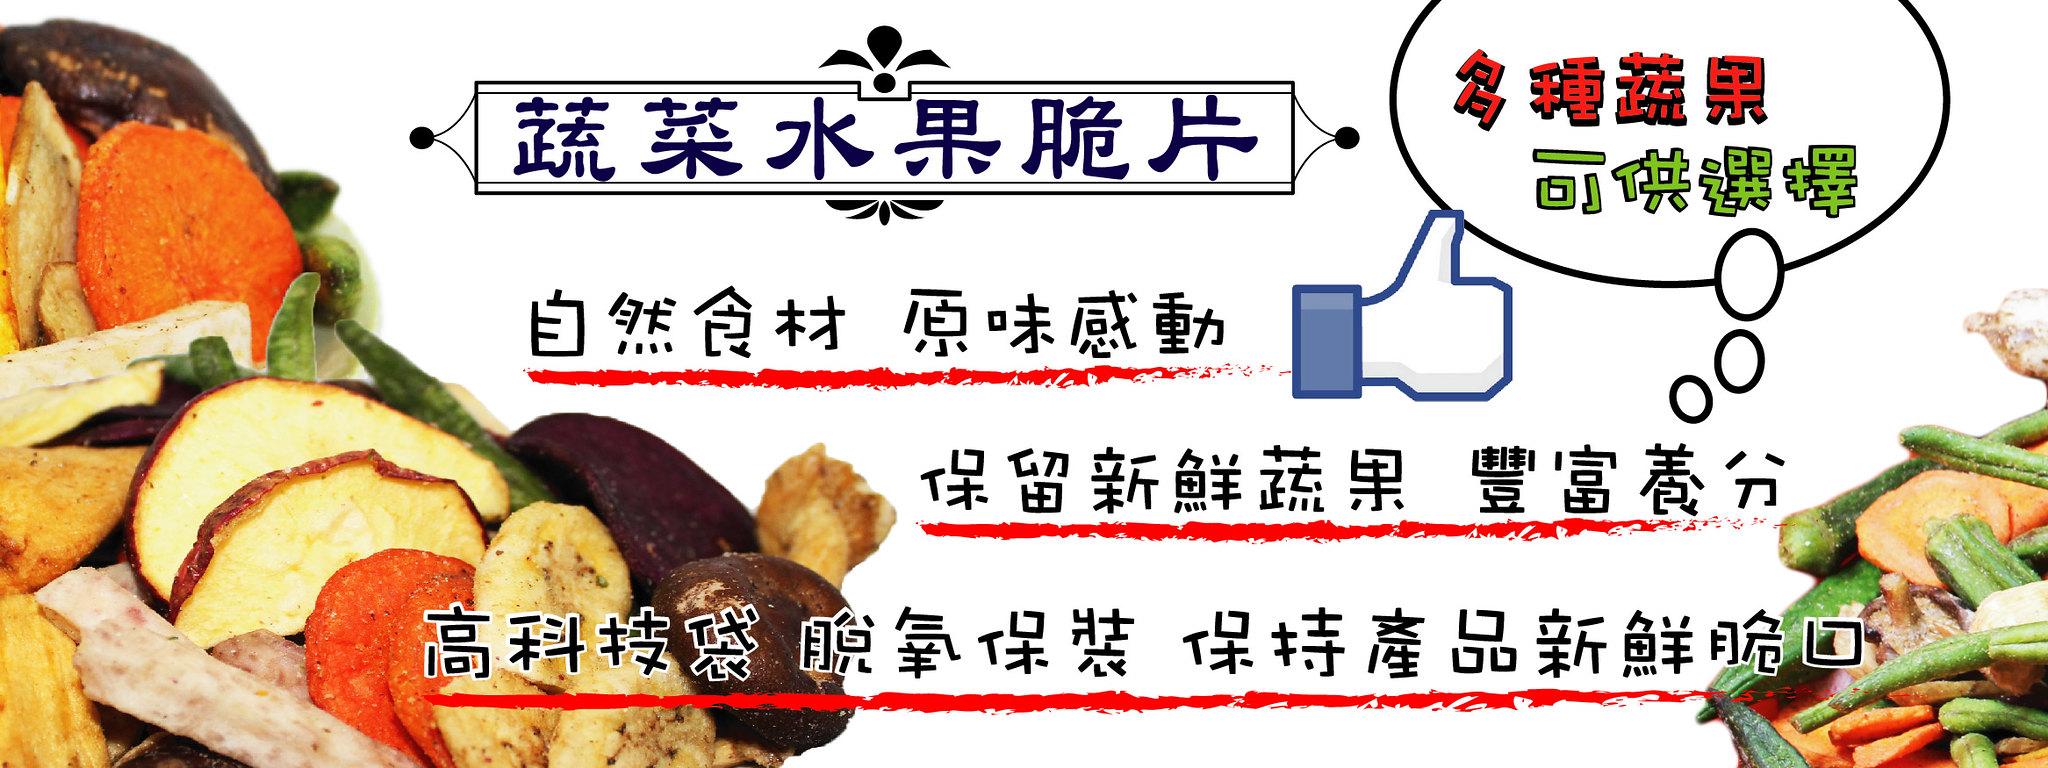 舞味本舖 低卡寒天蒟蒻系列 麻辣蒟蒻乾/五香蒟蒻乾/五香蒟蒻片 240g 富含天然纖維